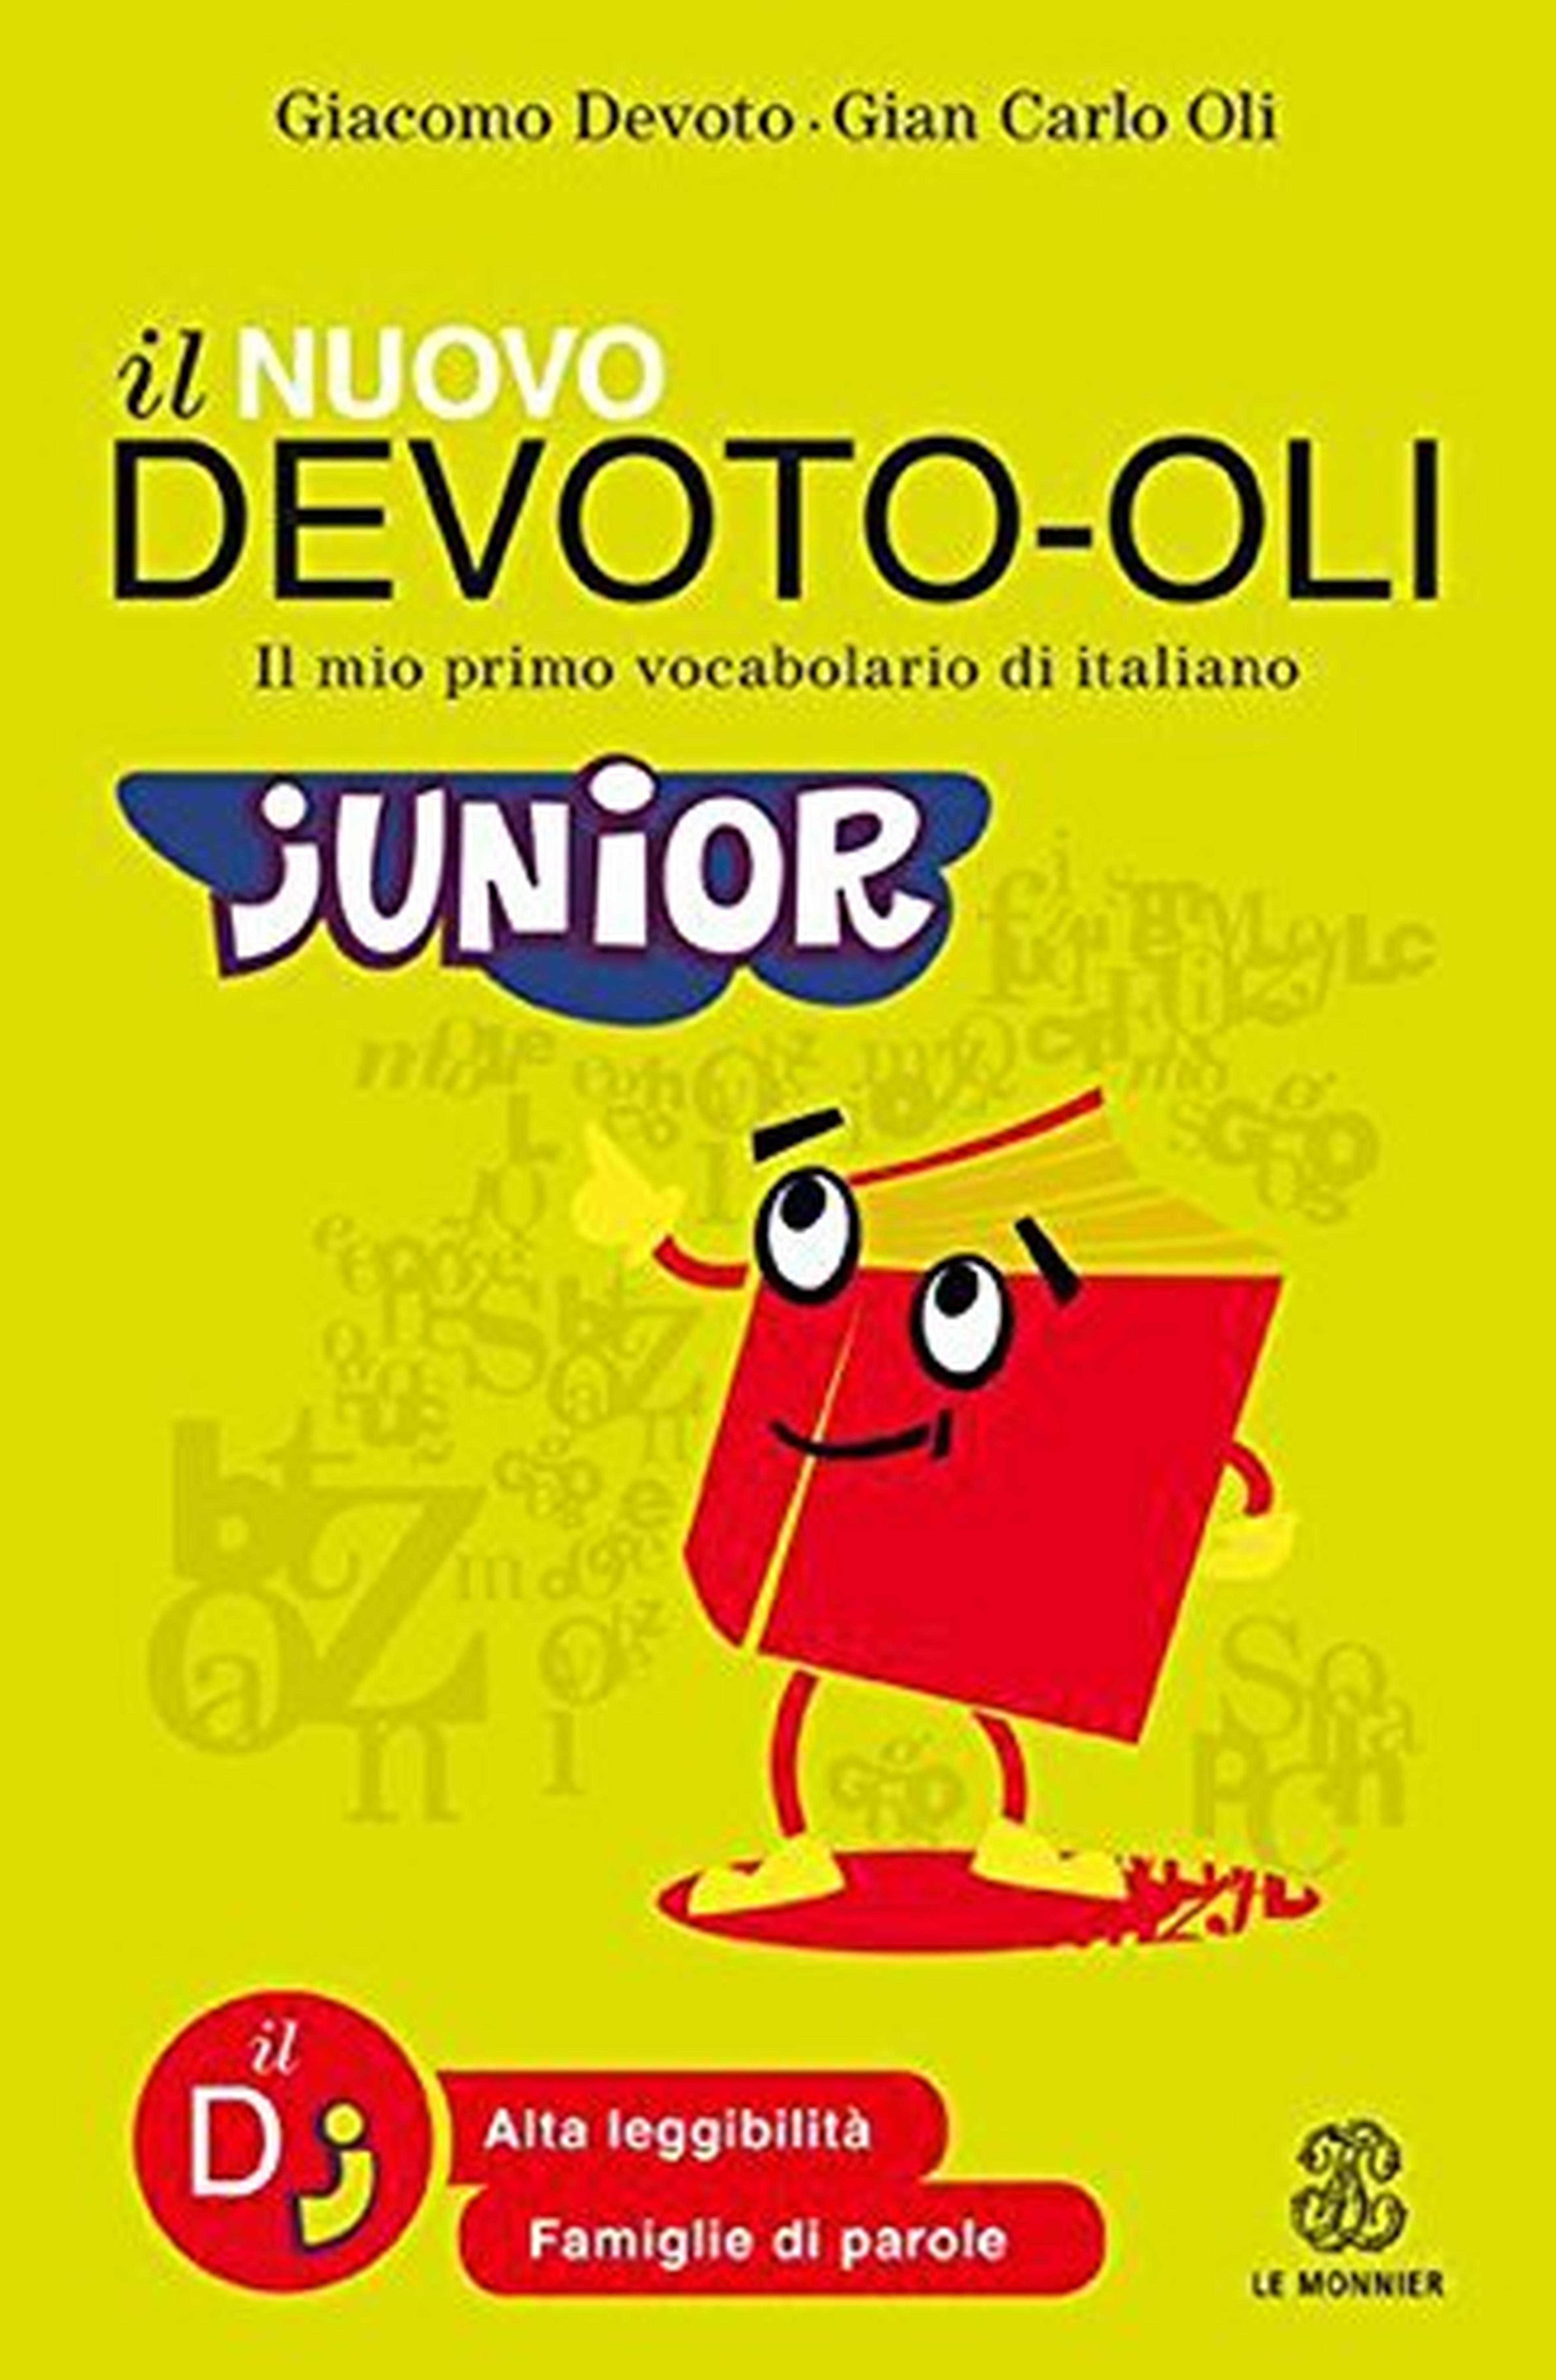 Il nuovo Devoto-Oli junior. Il mio primo vocabolario di italiano. Ediz. ad alta leggibilità